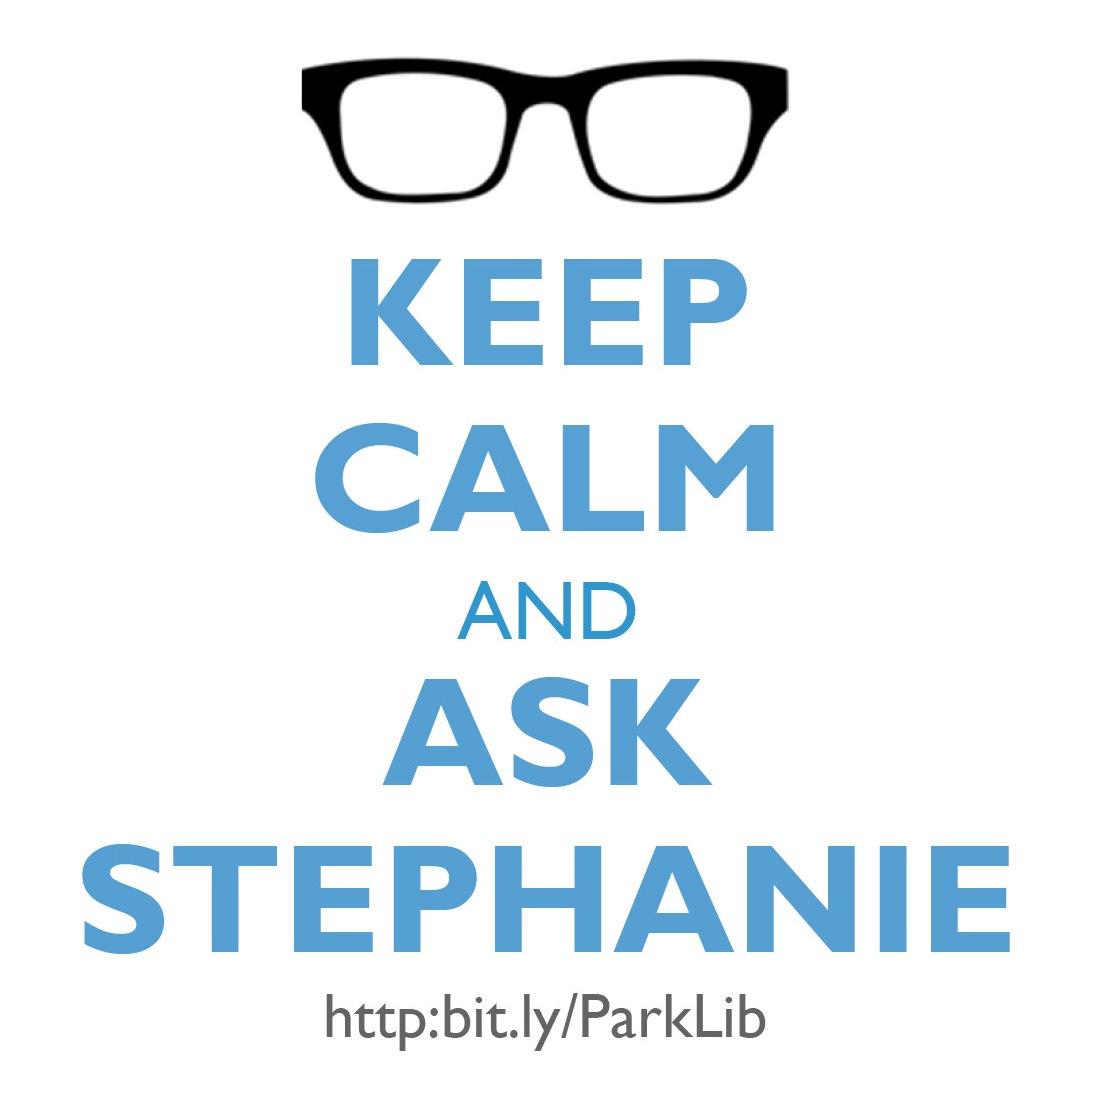 Keep Calm and Ask Stephanie